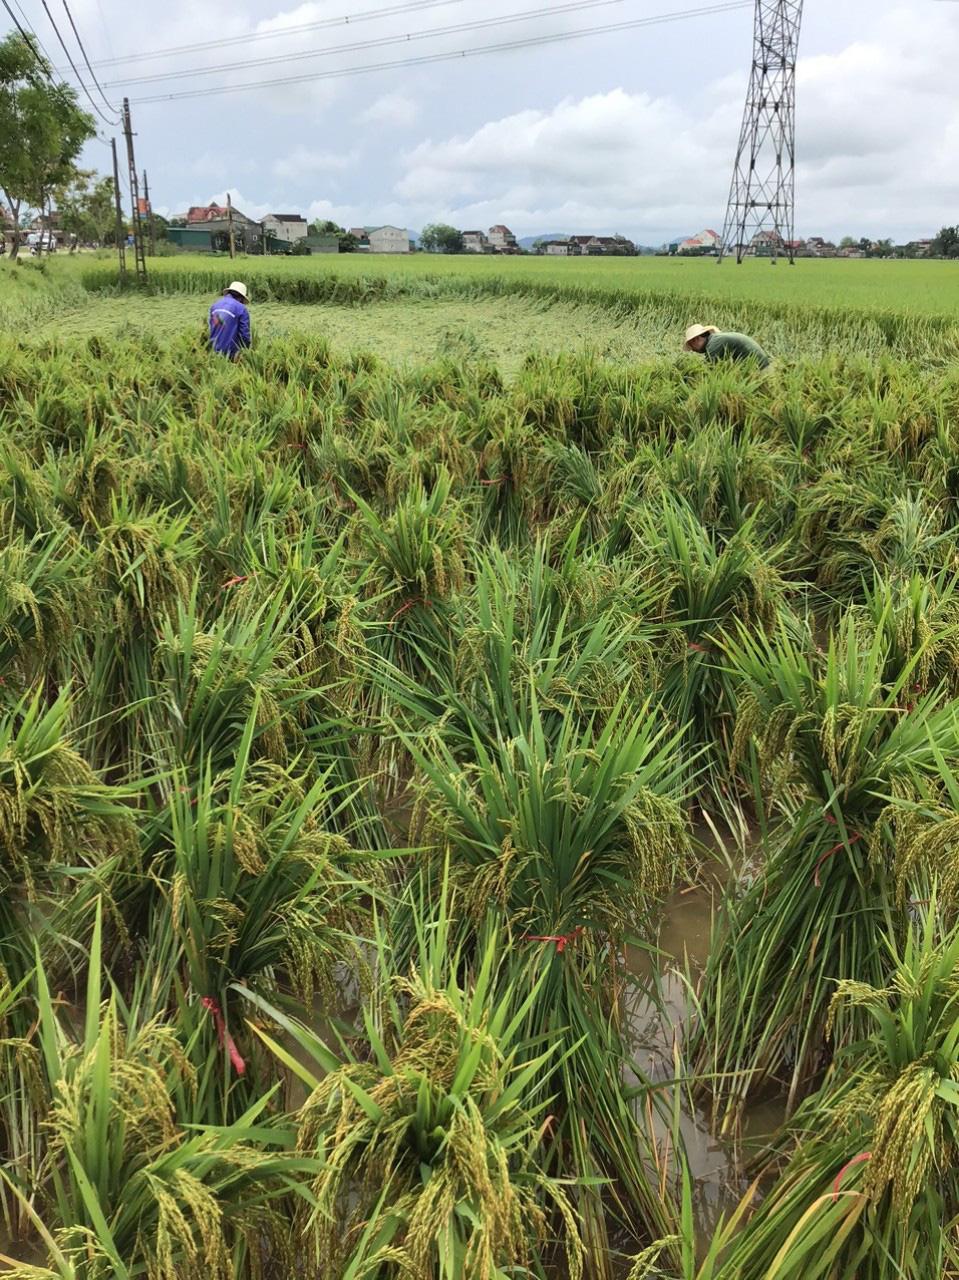 Hà Tĩnh: Sau trận mưa lớn, nhiều diện tích lúa bị ngã đổ - Ảnh 5.